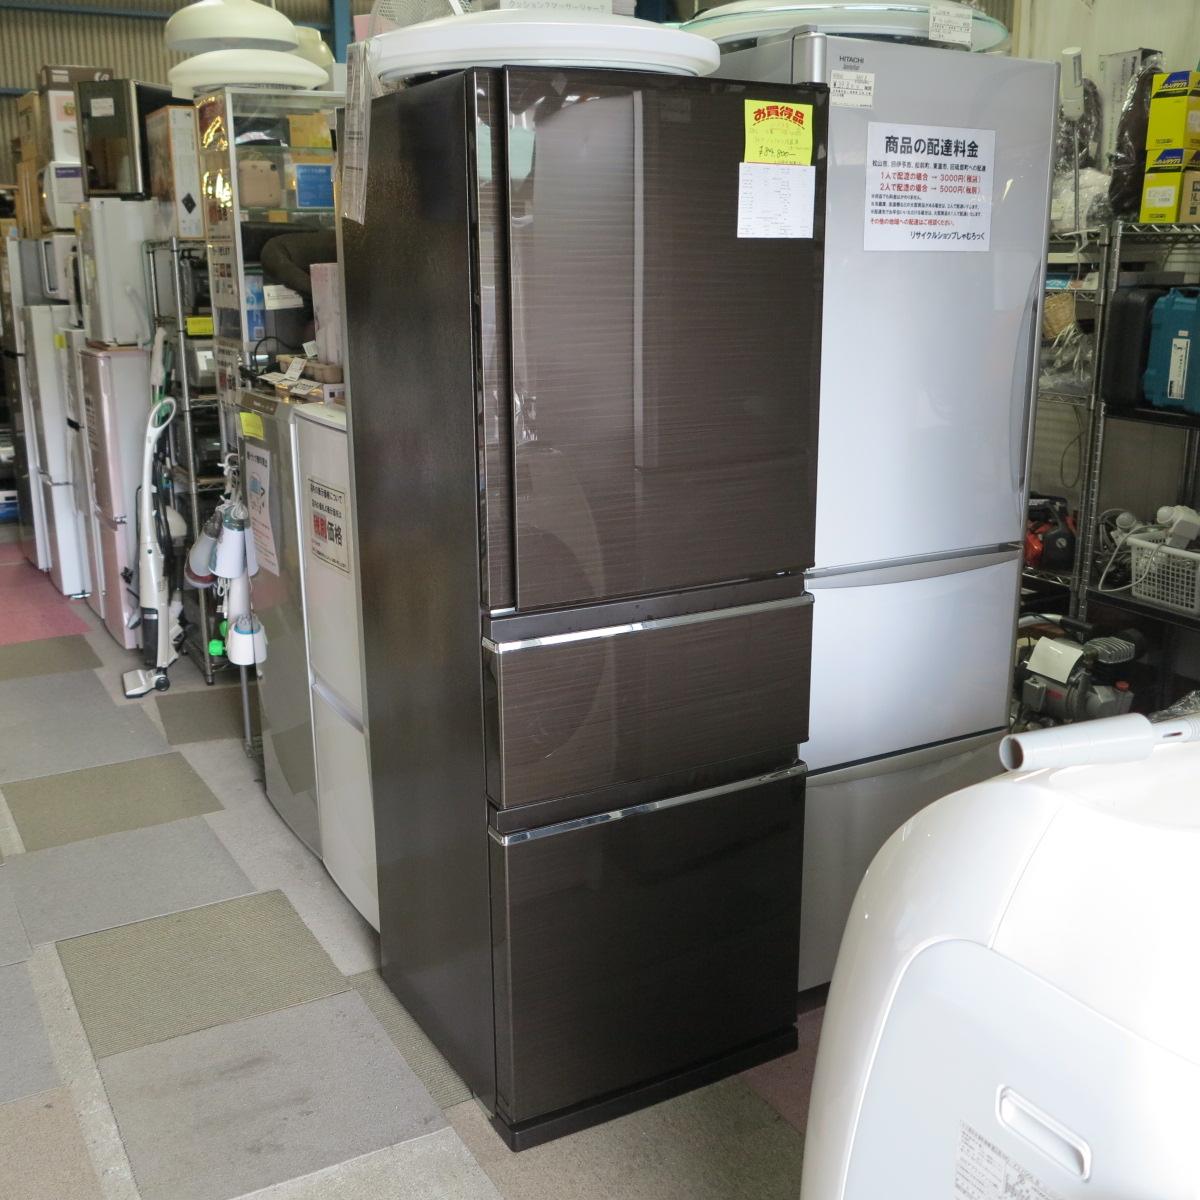 三菱 ノンフロン冷凍冷蔵庫 MR-CX33ED-BR形 2019年製